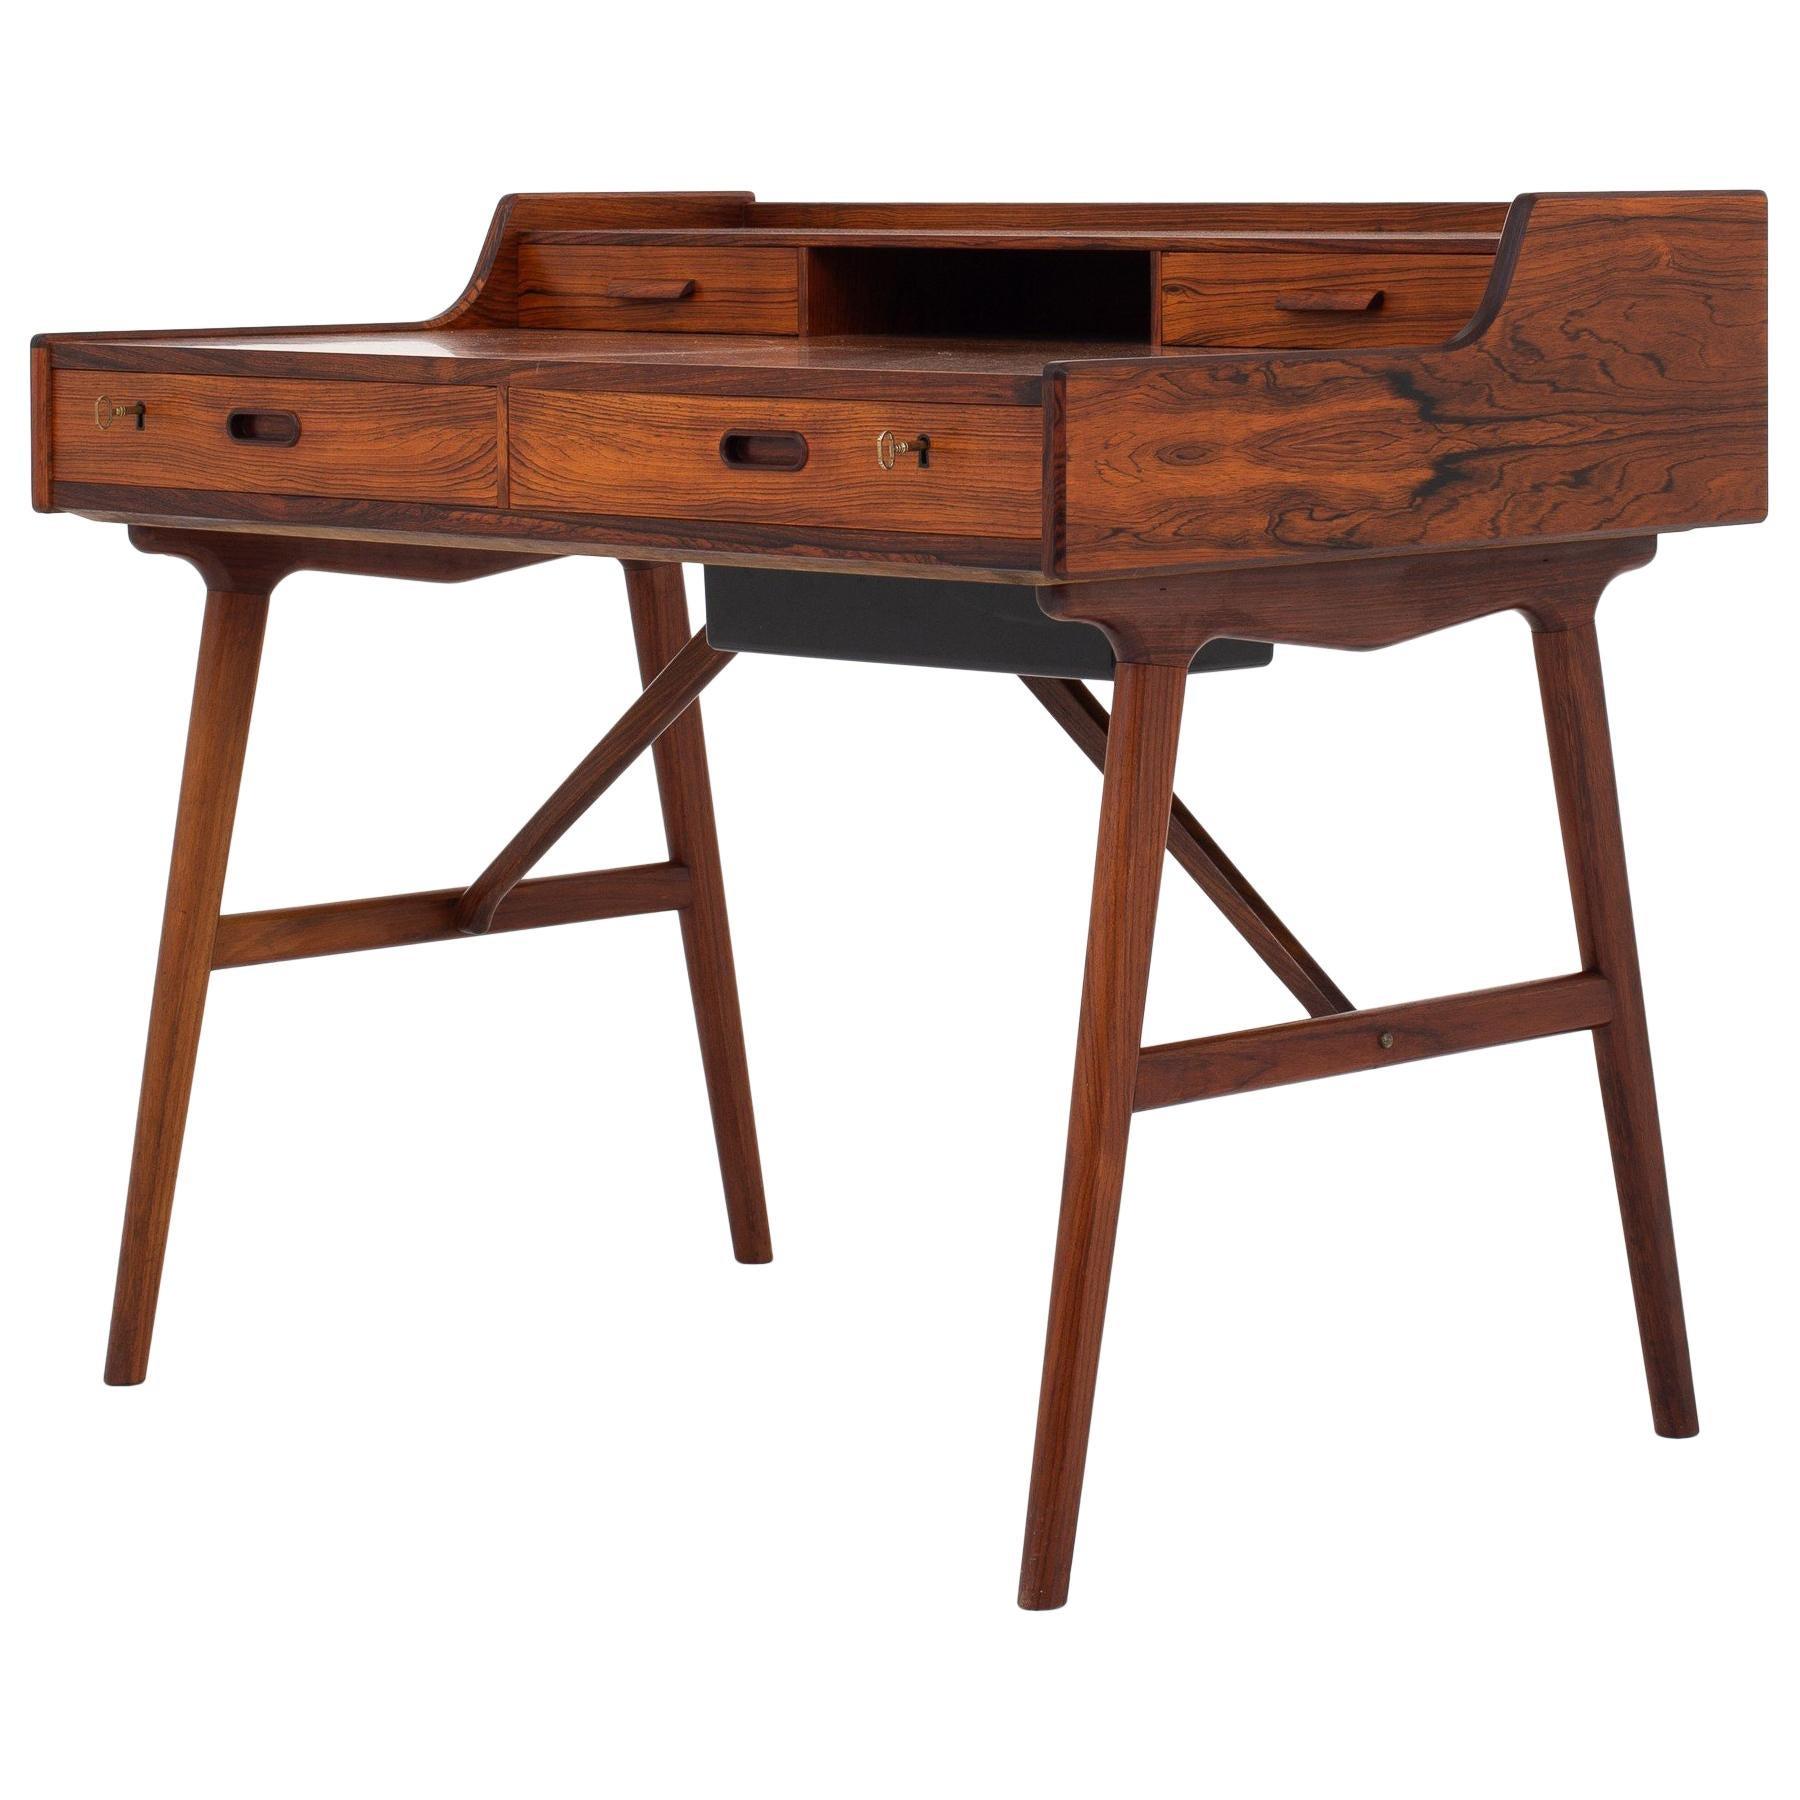 Groovy Desk by Arne Wahl-Iversen at 1stdibs RR08